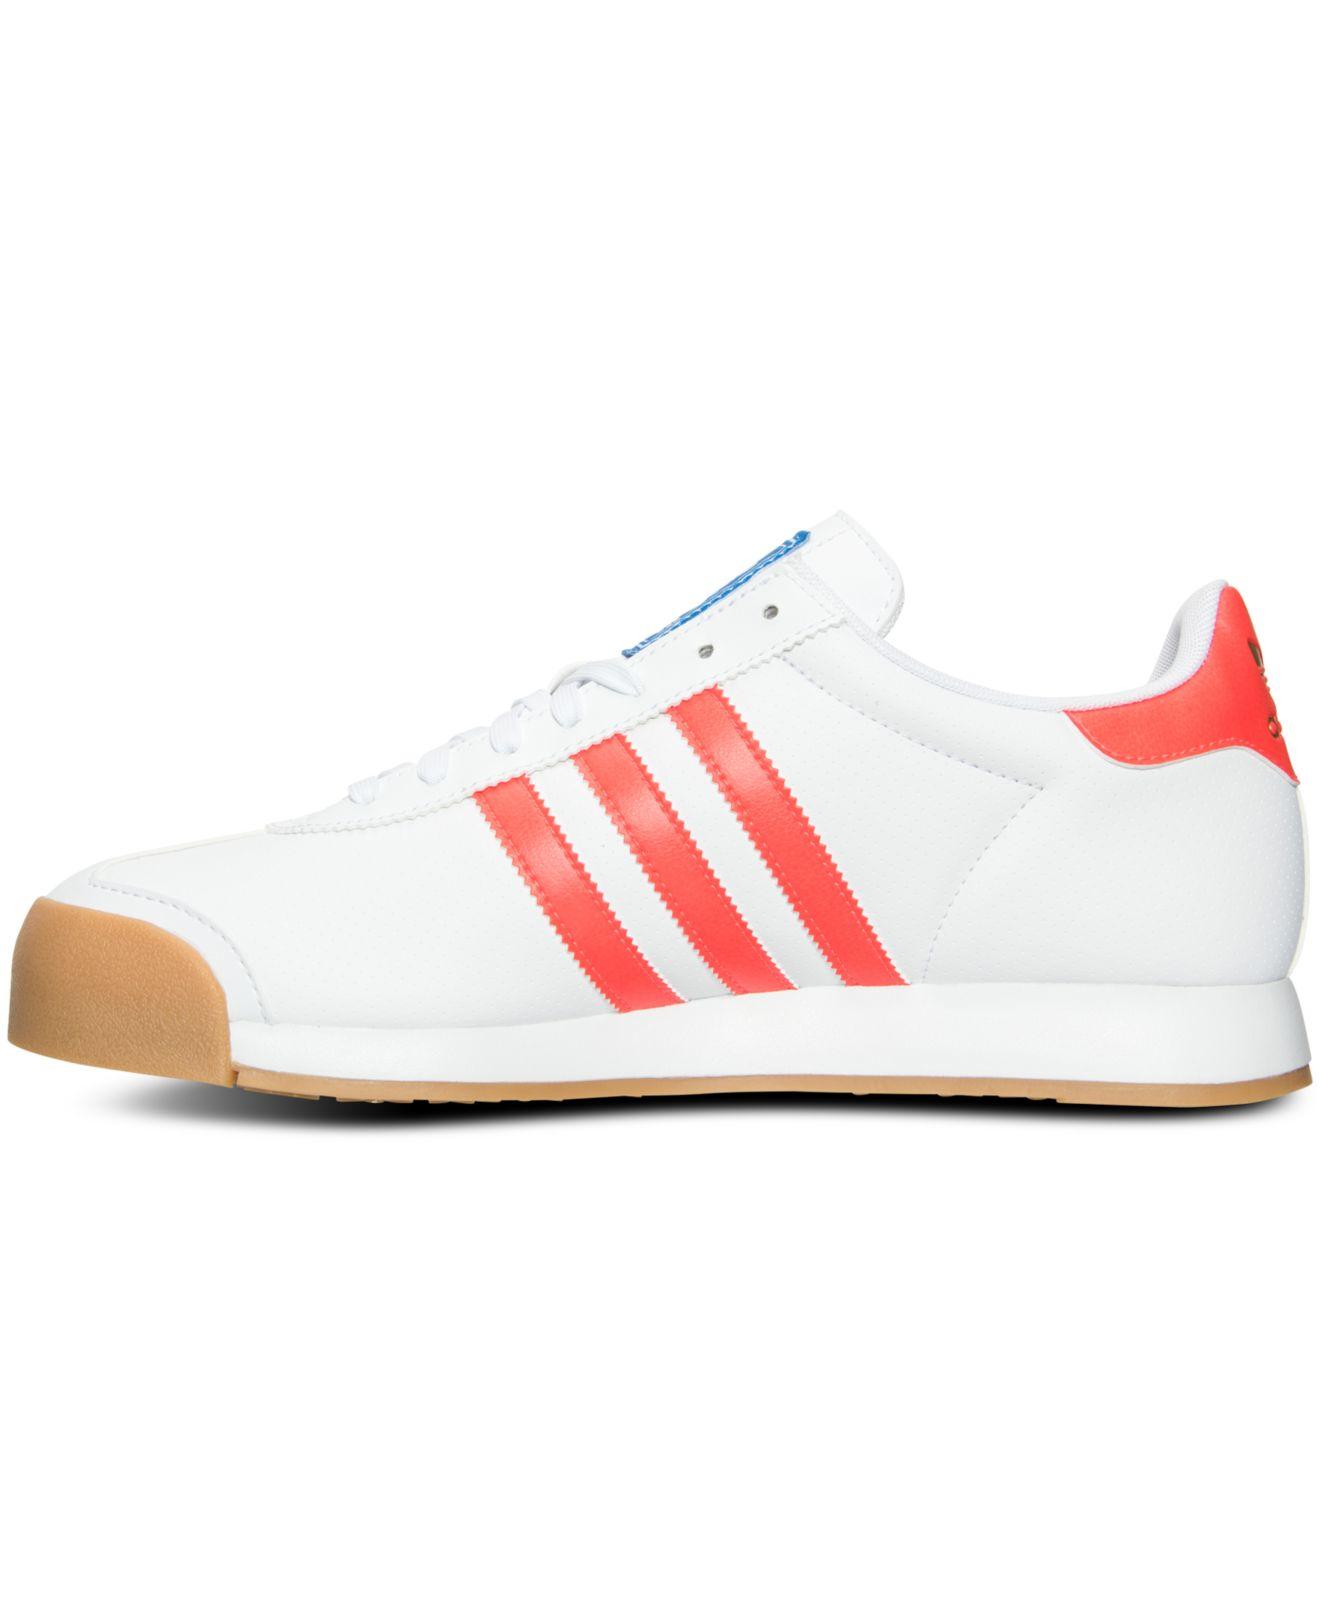 Adidas Samoa Shoes Finish Line